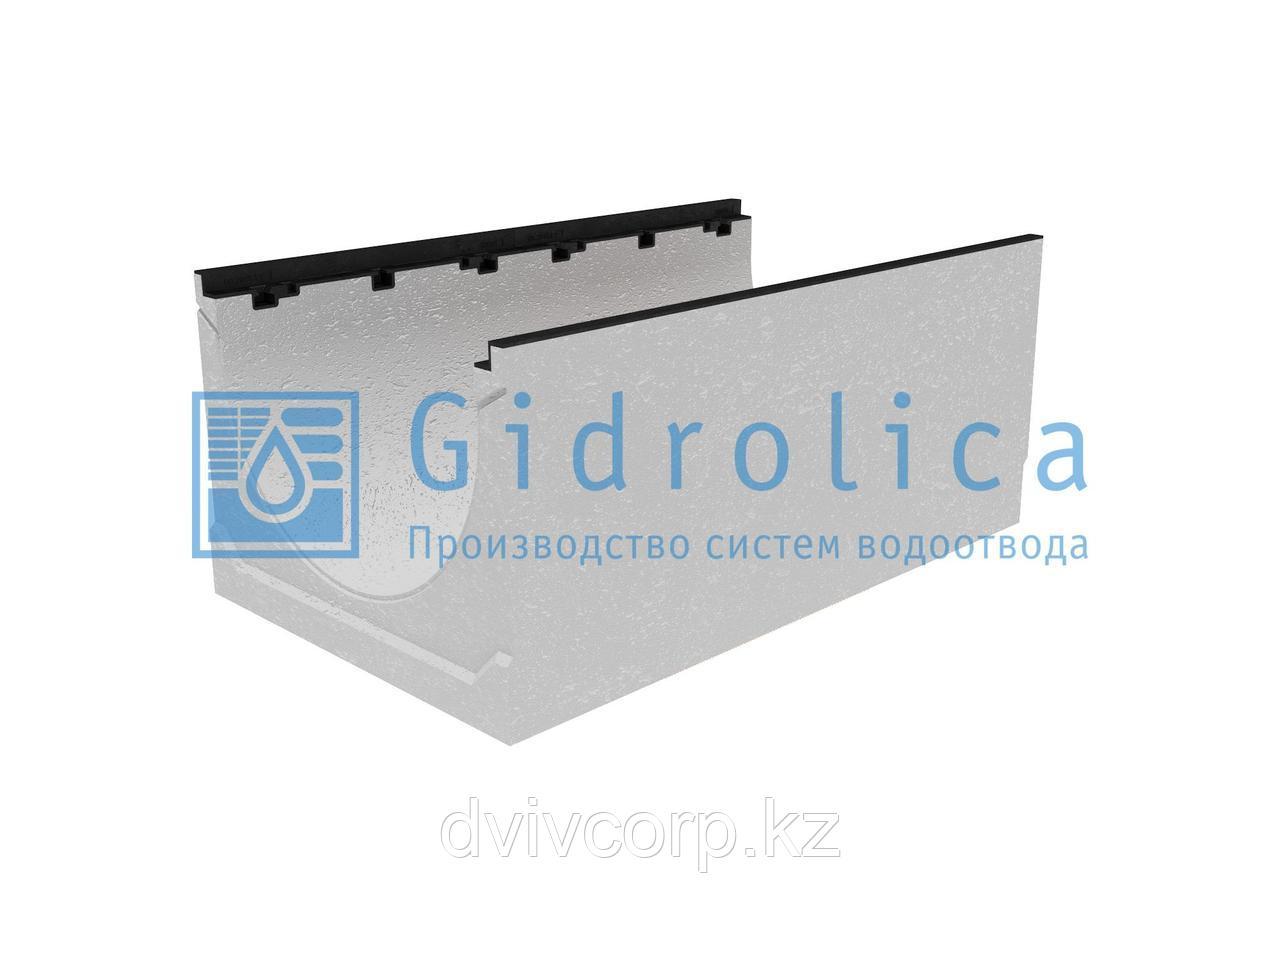 Лоток водоотводный бетонный коробчатый (СО-500мм), с чугунной насадкой КU 100.60,3 (50).42,5(33,5) - BGZ-S, №